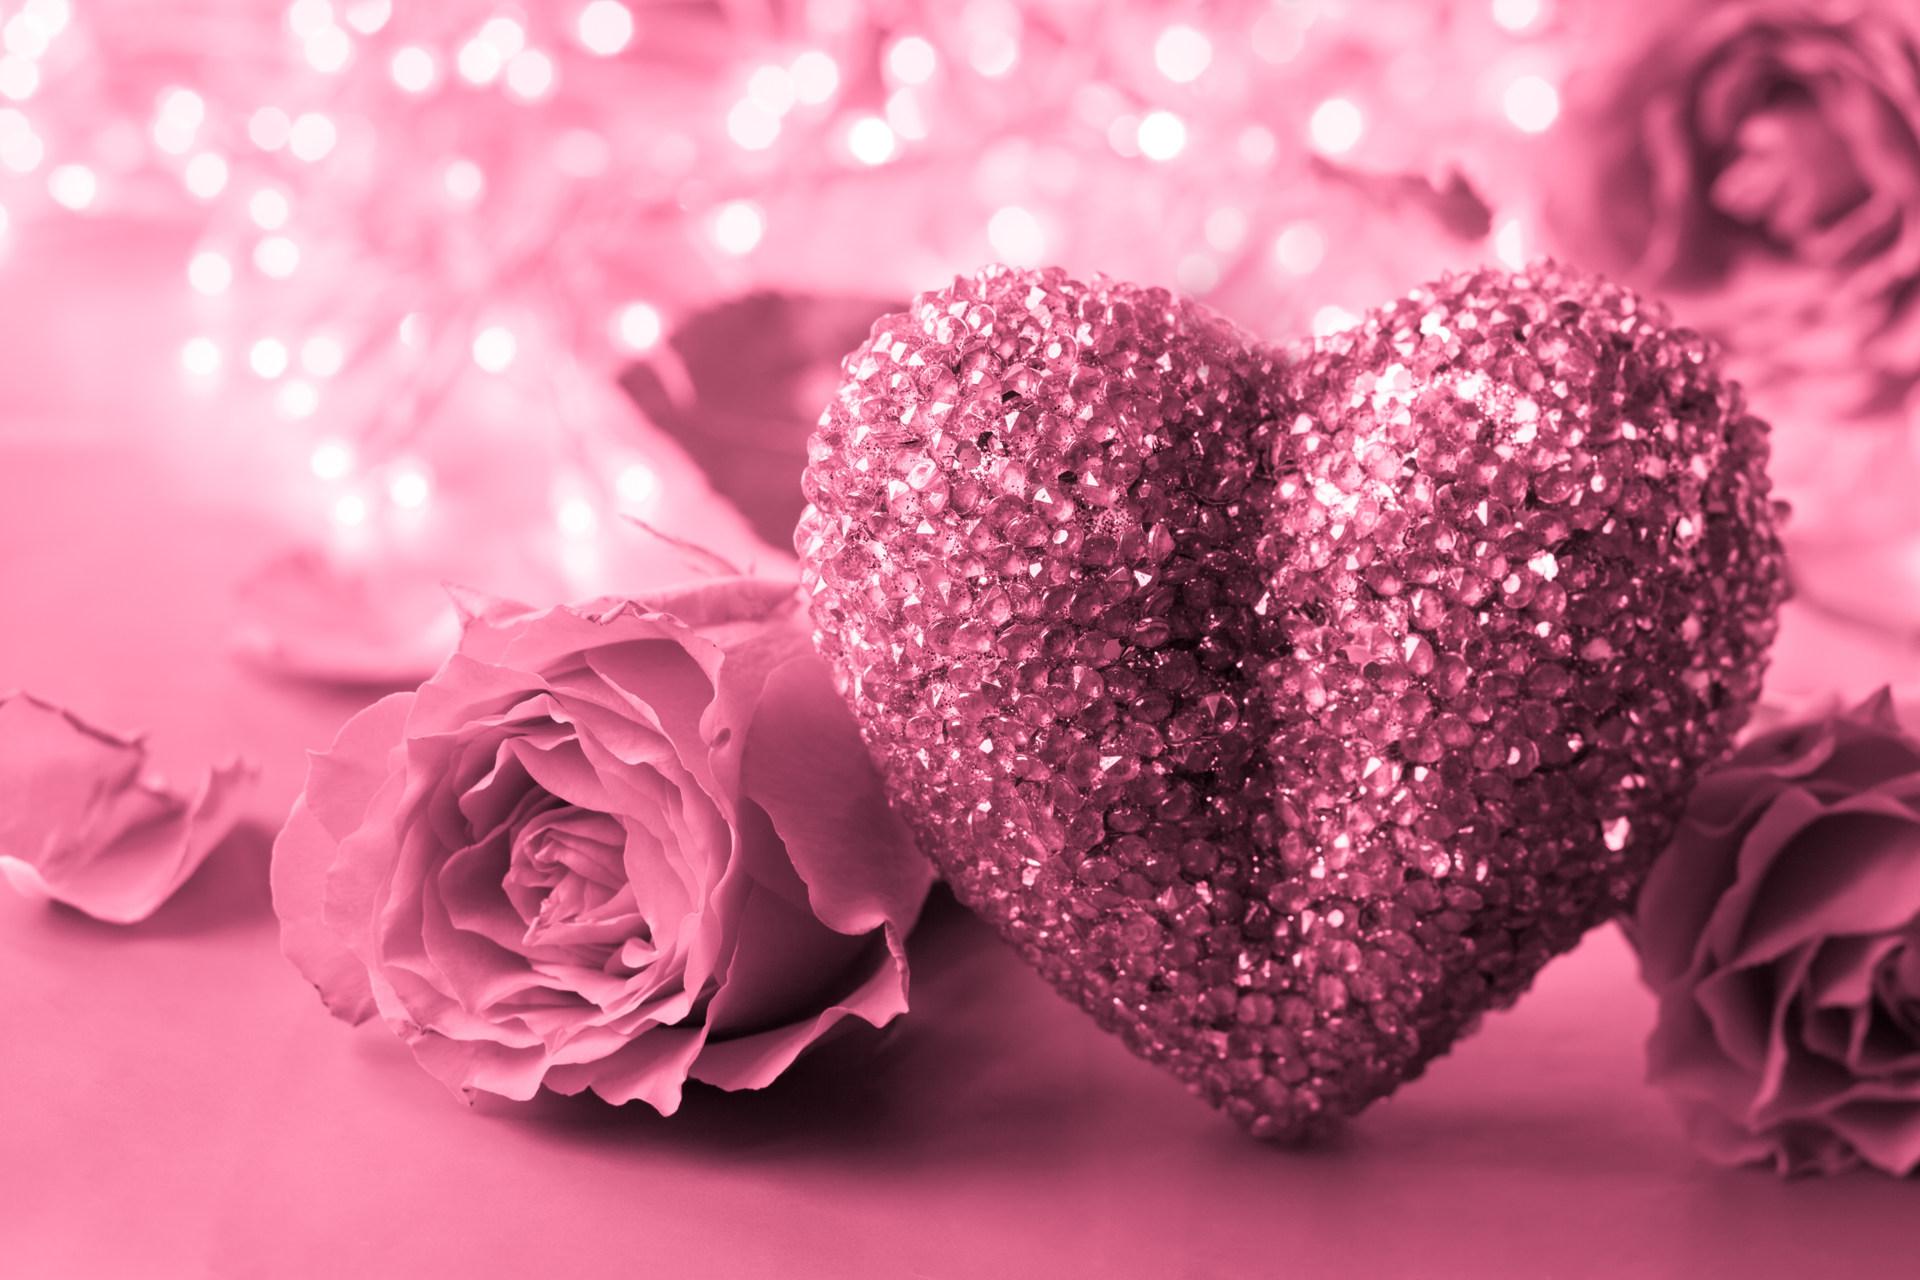 hình trái tim đẹp nhất